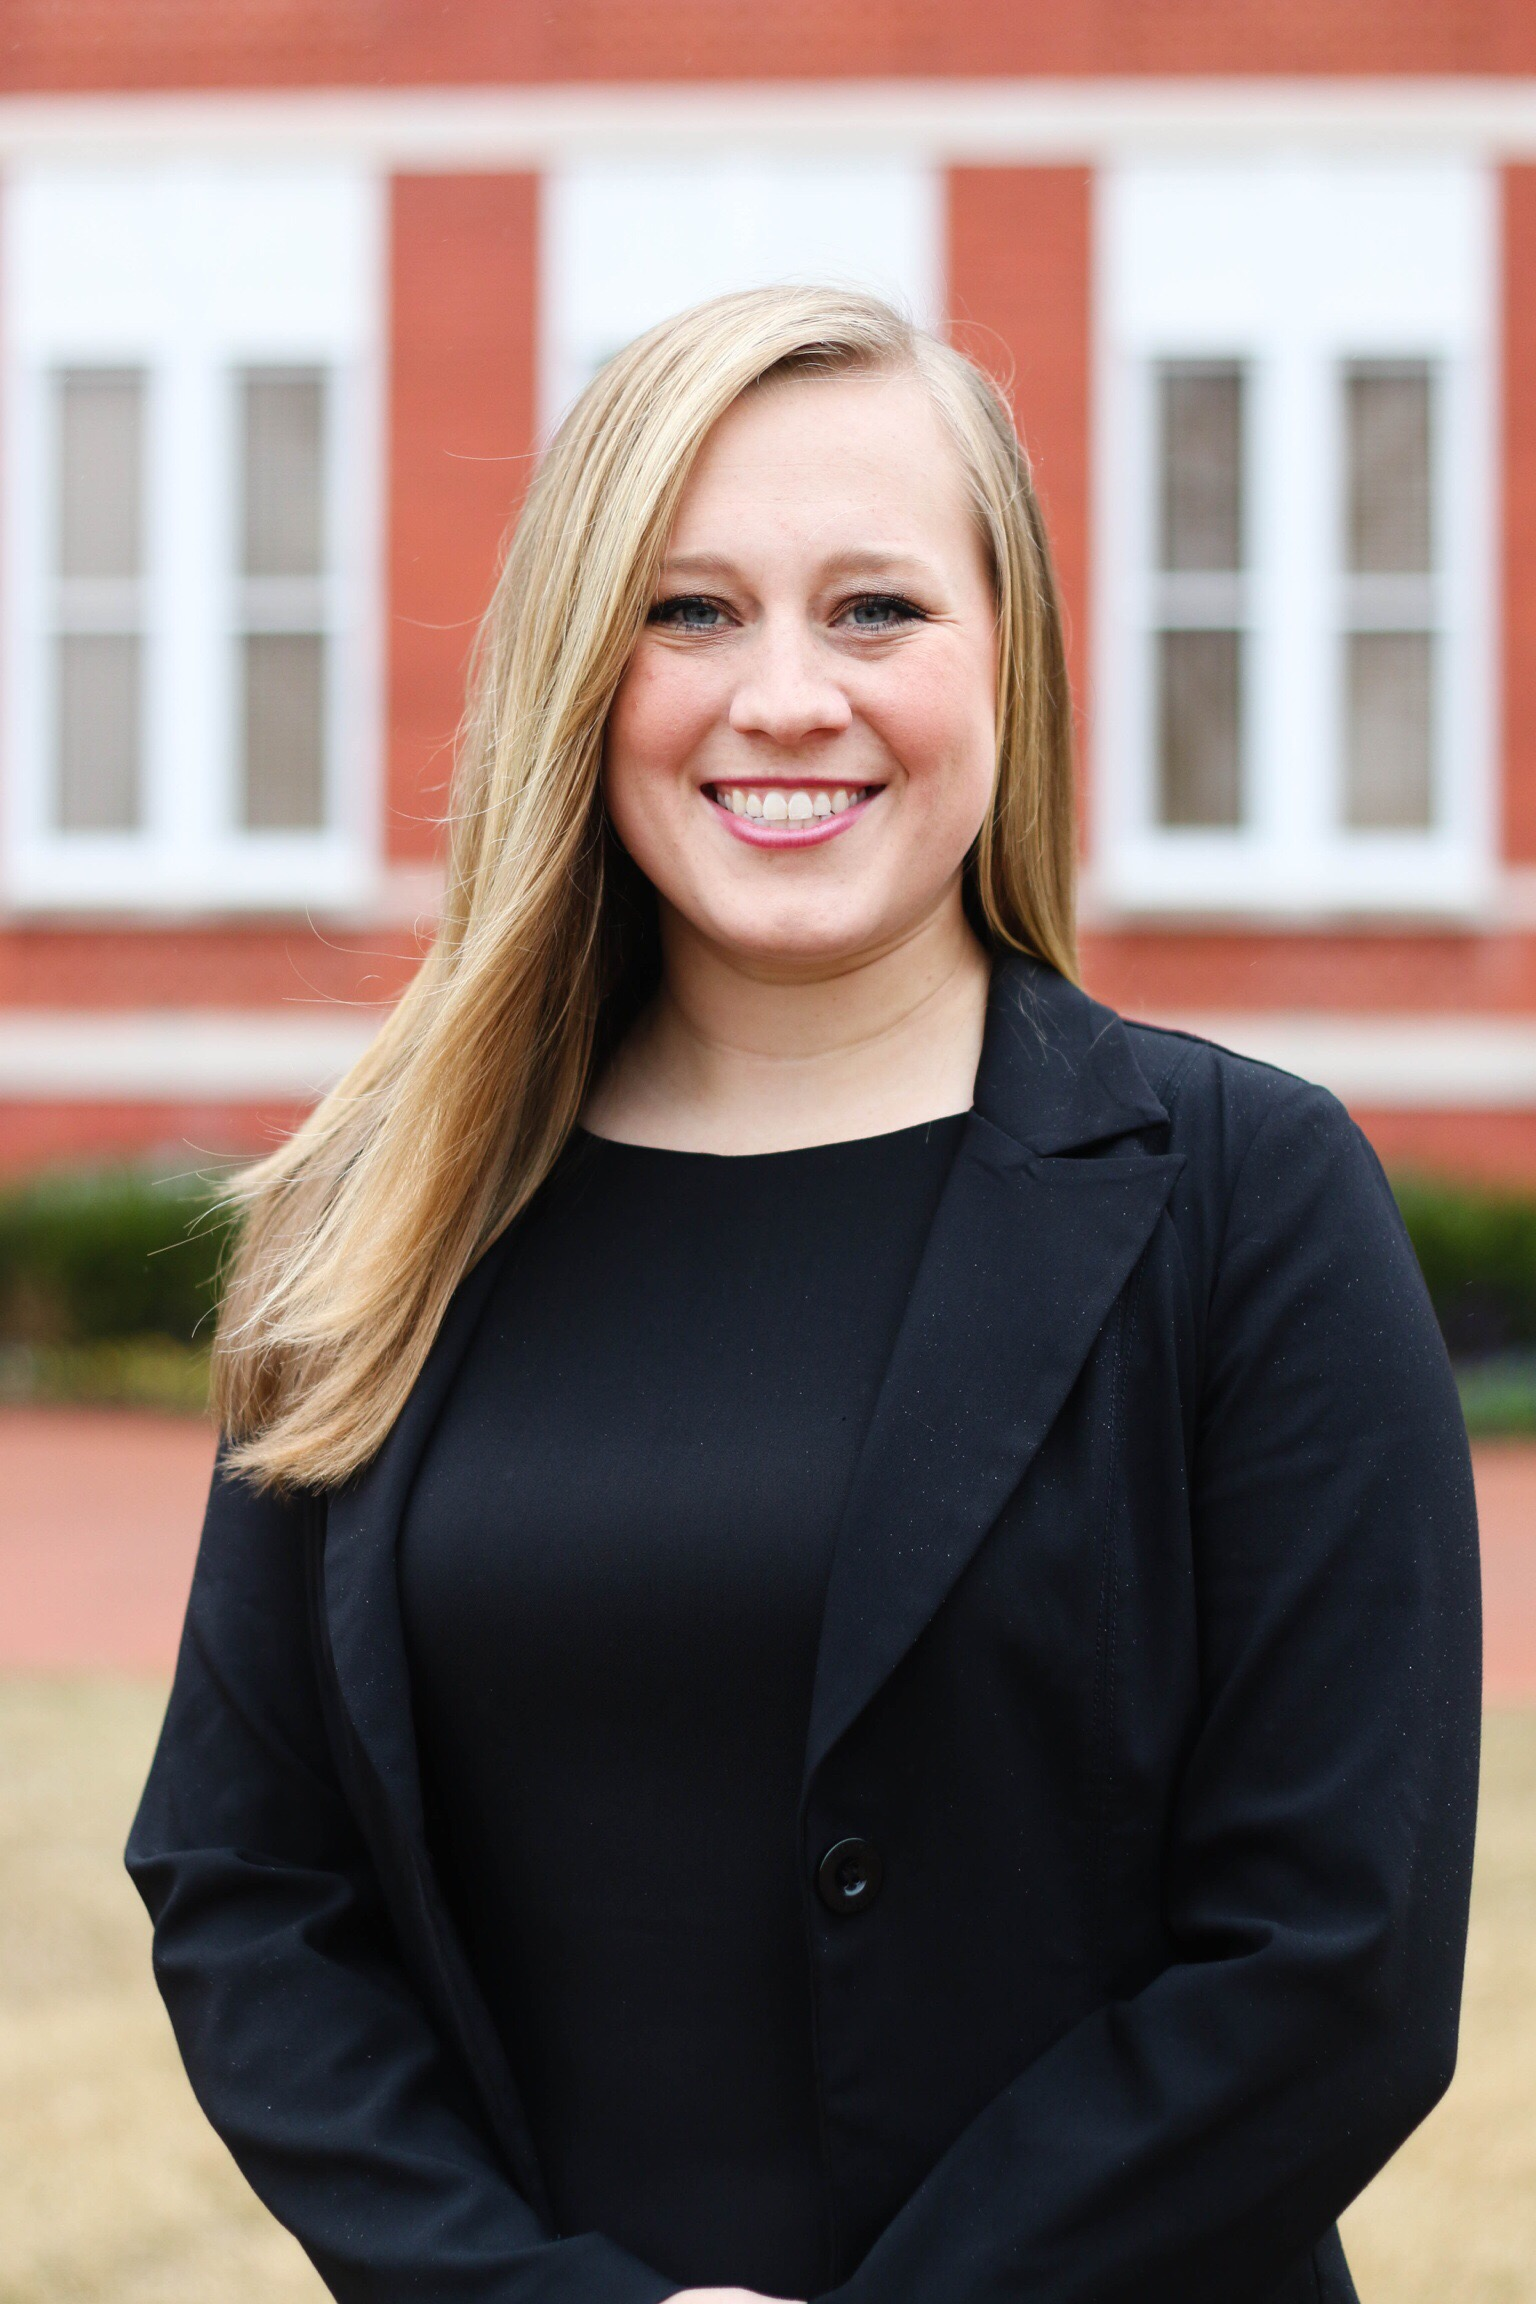 Samantha Bradley